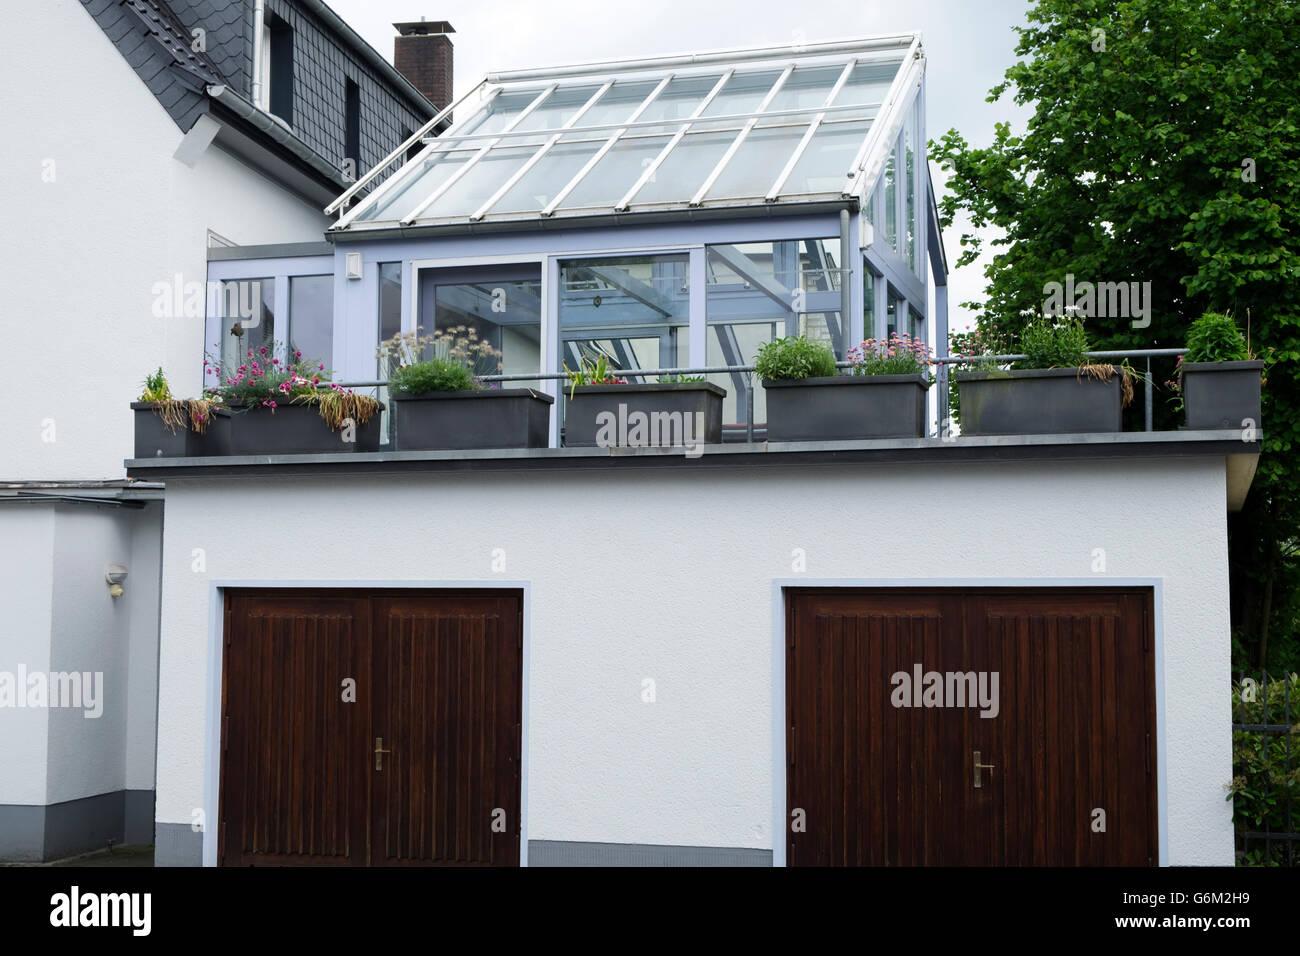 Conservatorio construido sobre un garaje, Leichlingen, Renania del Norte-Westfalia, Alemania. Foto de stock